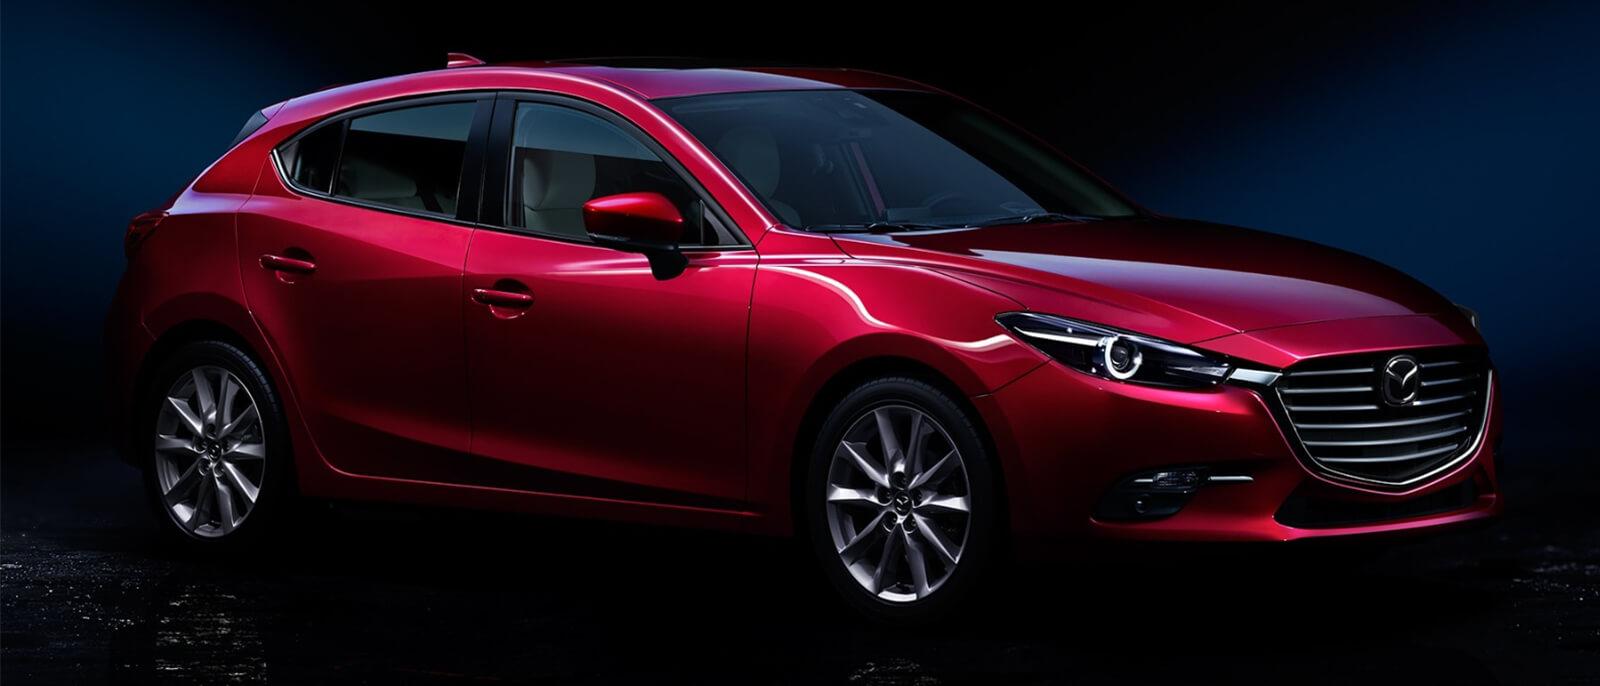 2017 Mazda3 5 Door Slide3